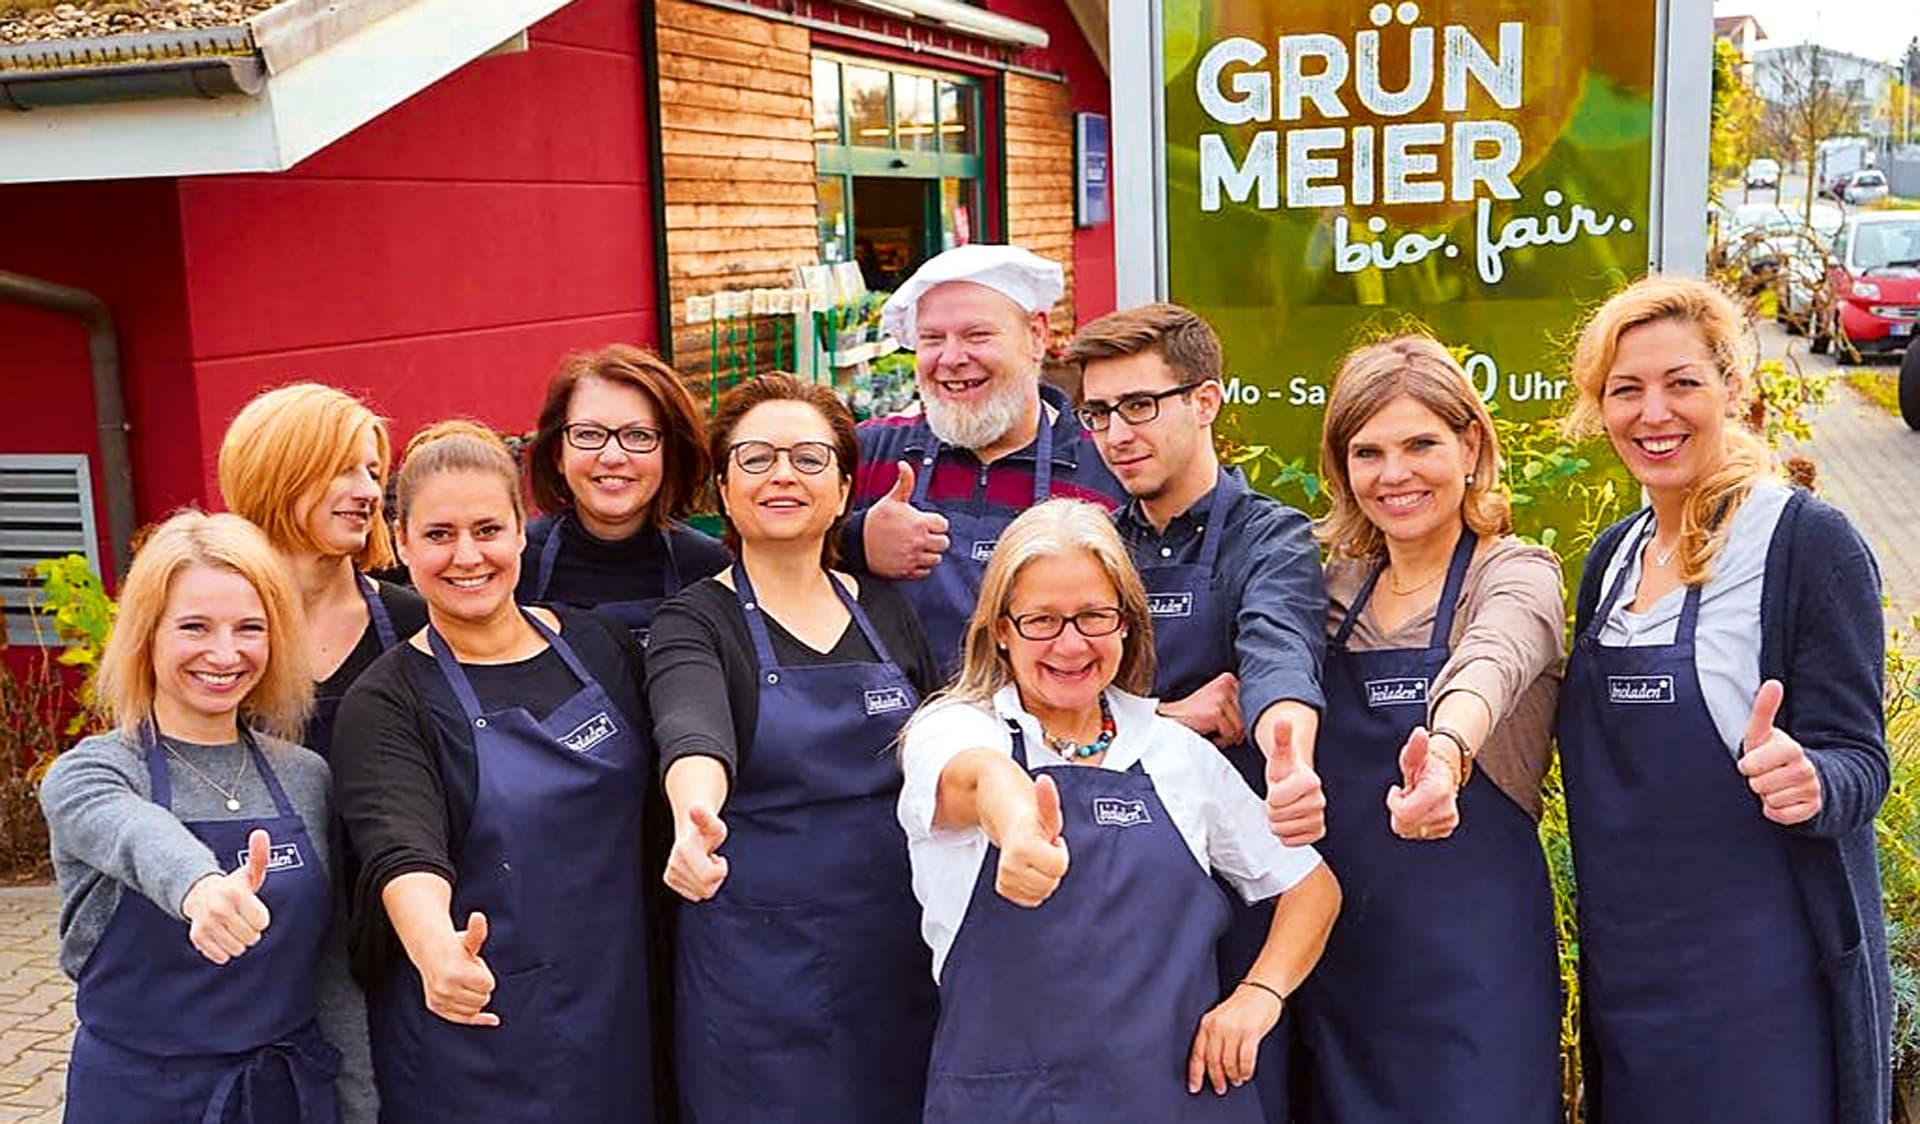 Team des Bioladens Grünmeier